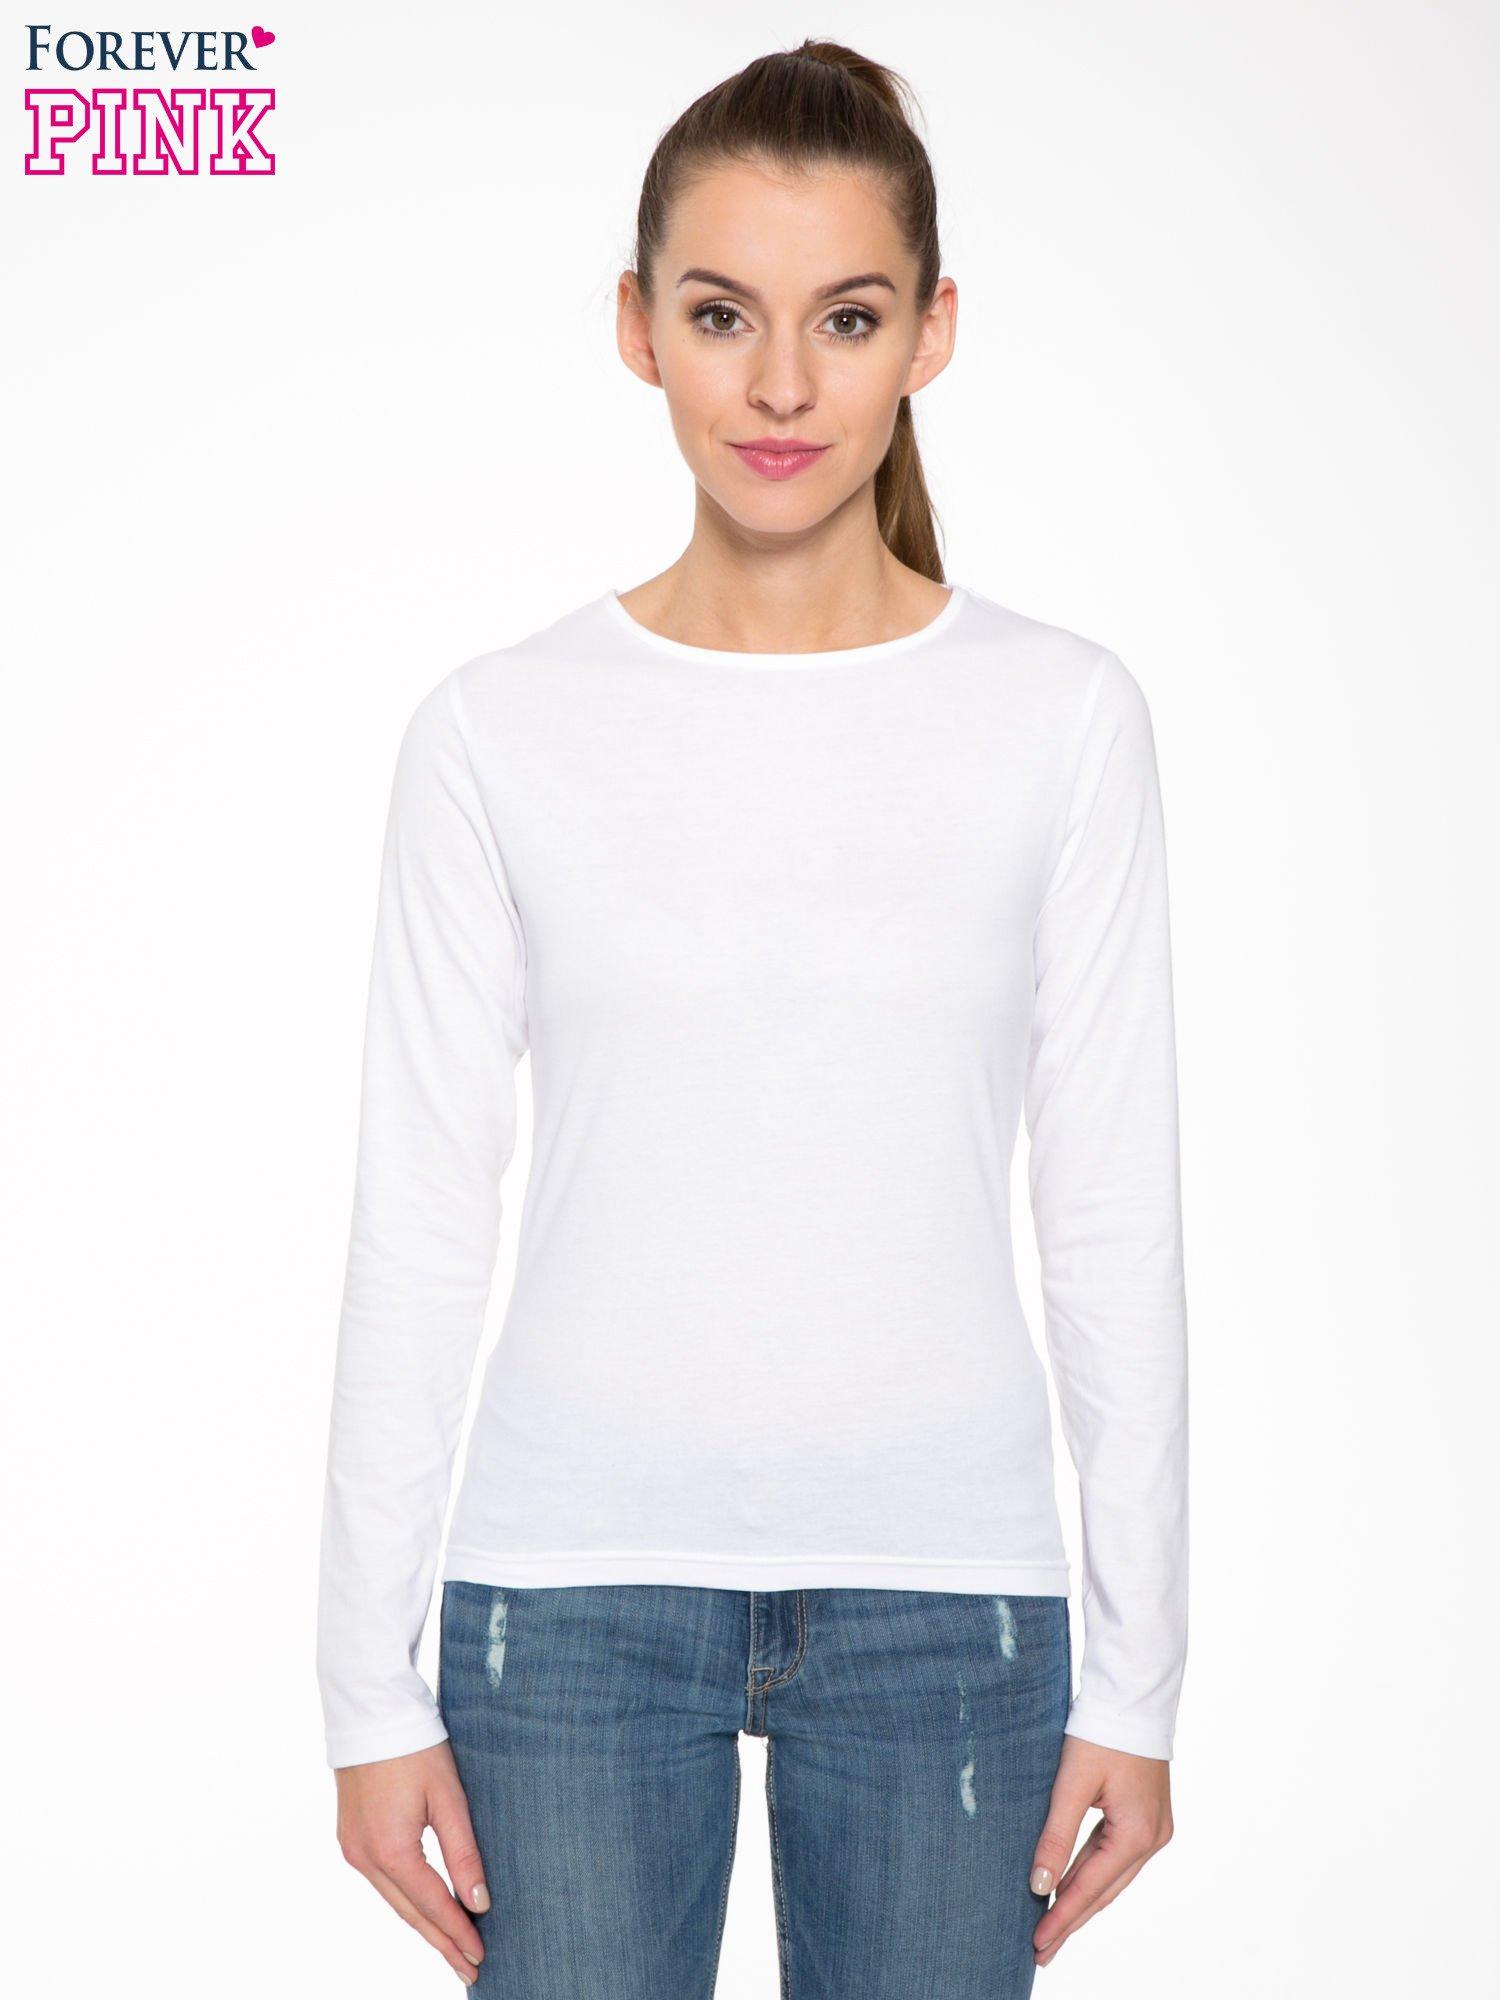 Biała bawełniana bluzka typu basic z długim rękawem                                  zdj.                                  1